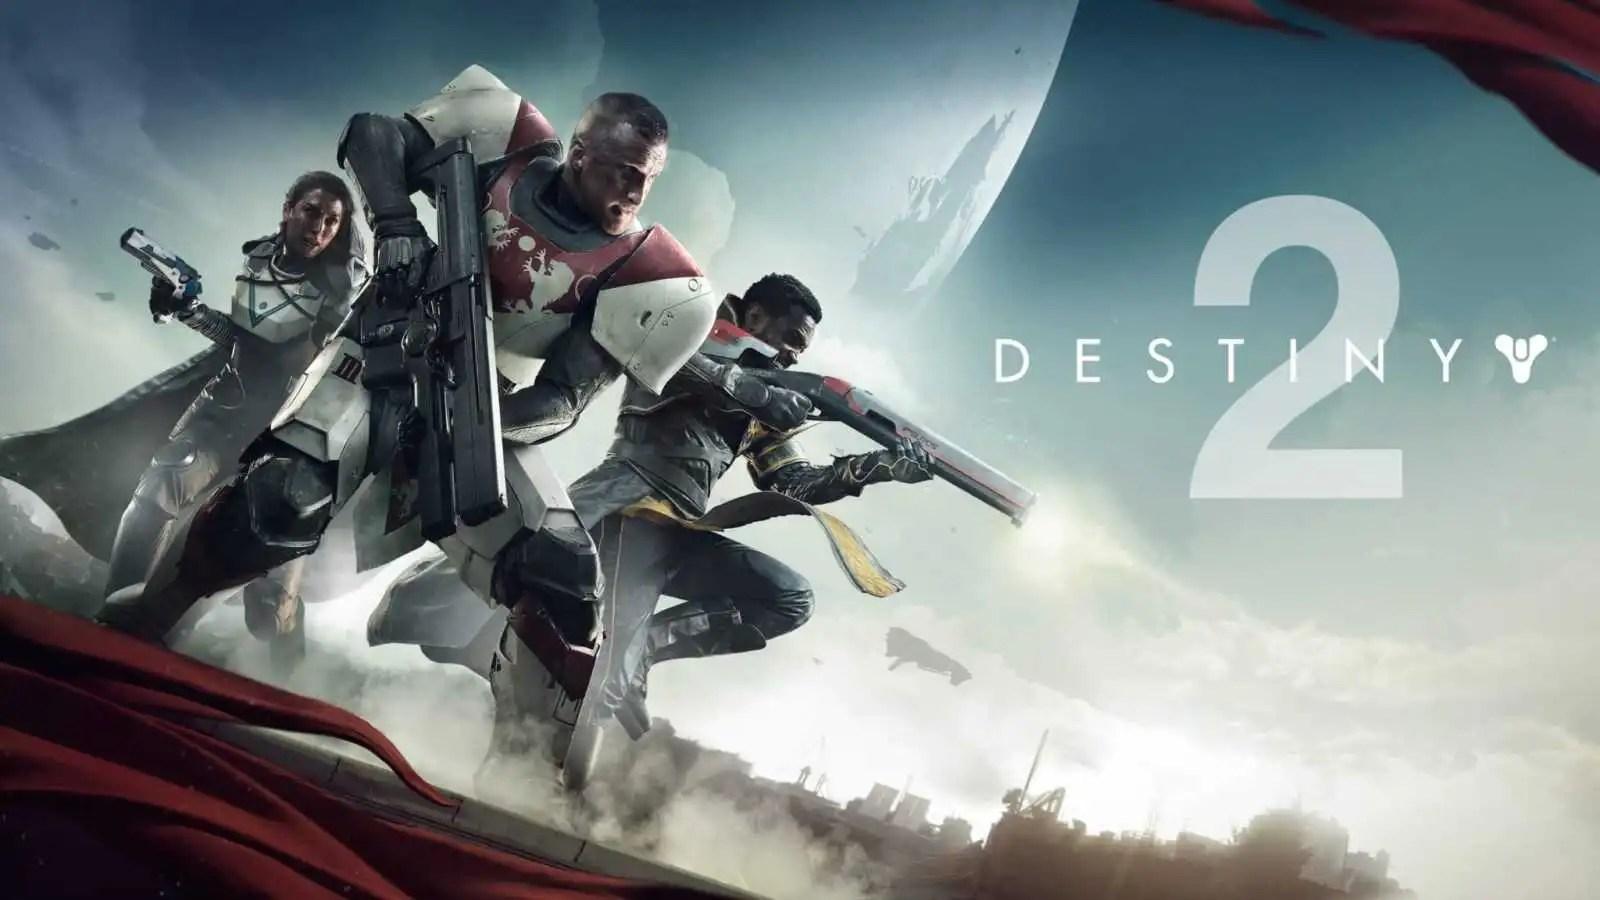 Destiny 2, annunciati i contenuti esclusivi per gli utenti PS4